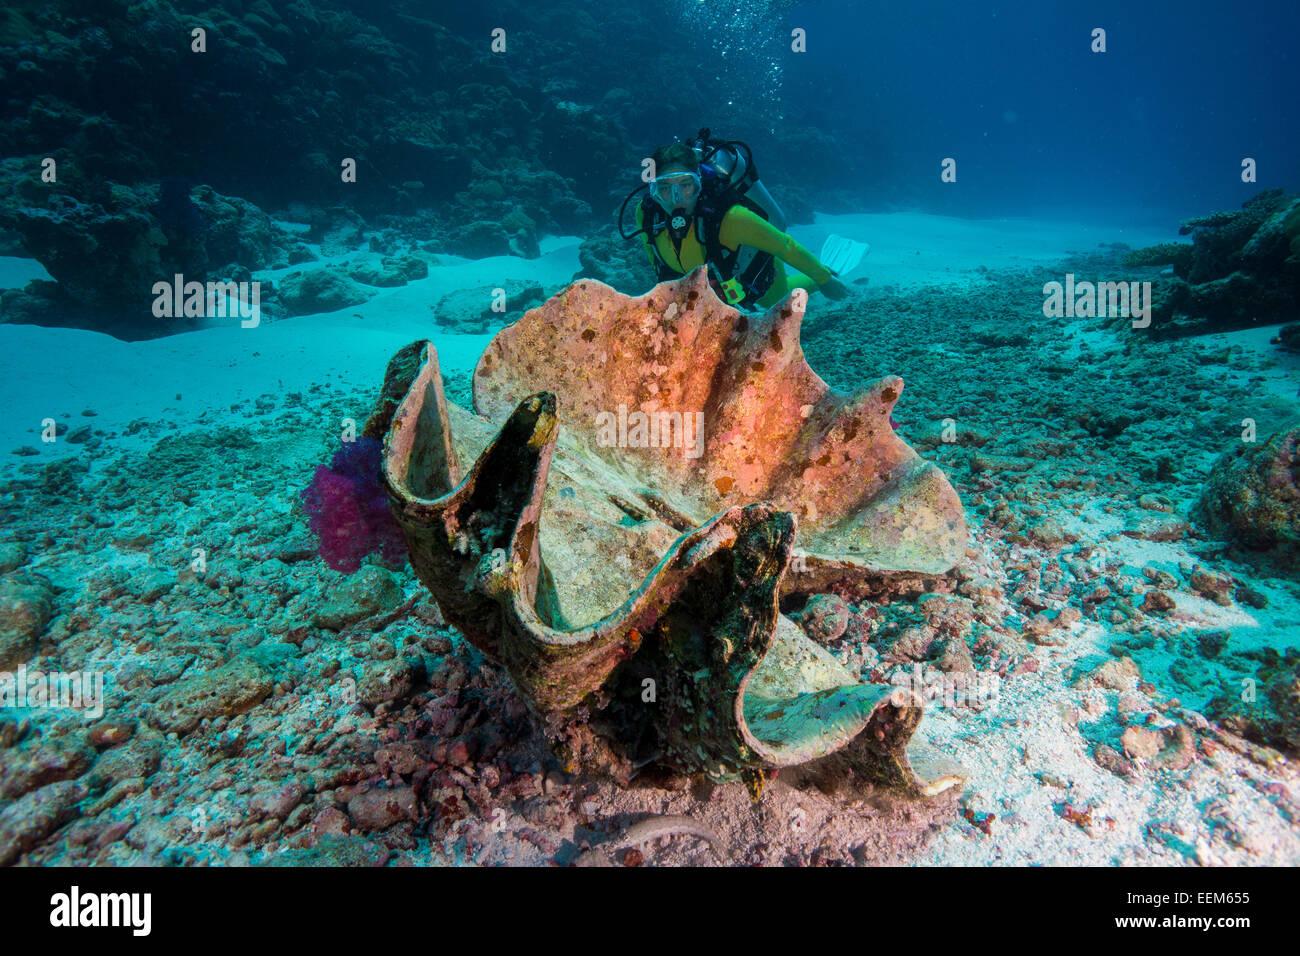 Taucher Beobachtet Eine Tote Moerdermuschel Oder Grosse Riesenmuschel, Tridacna Maxima, Palau, Mikronesien Stockbild